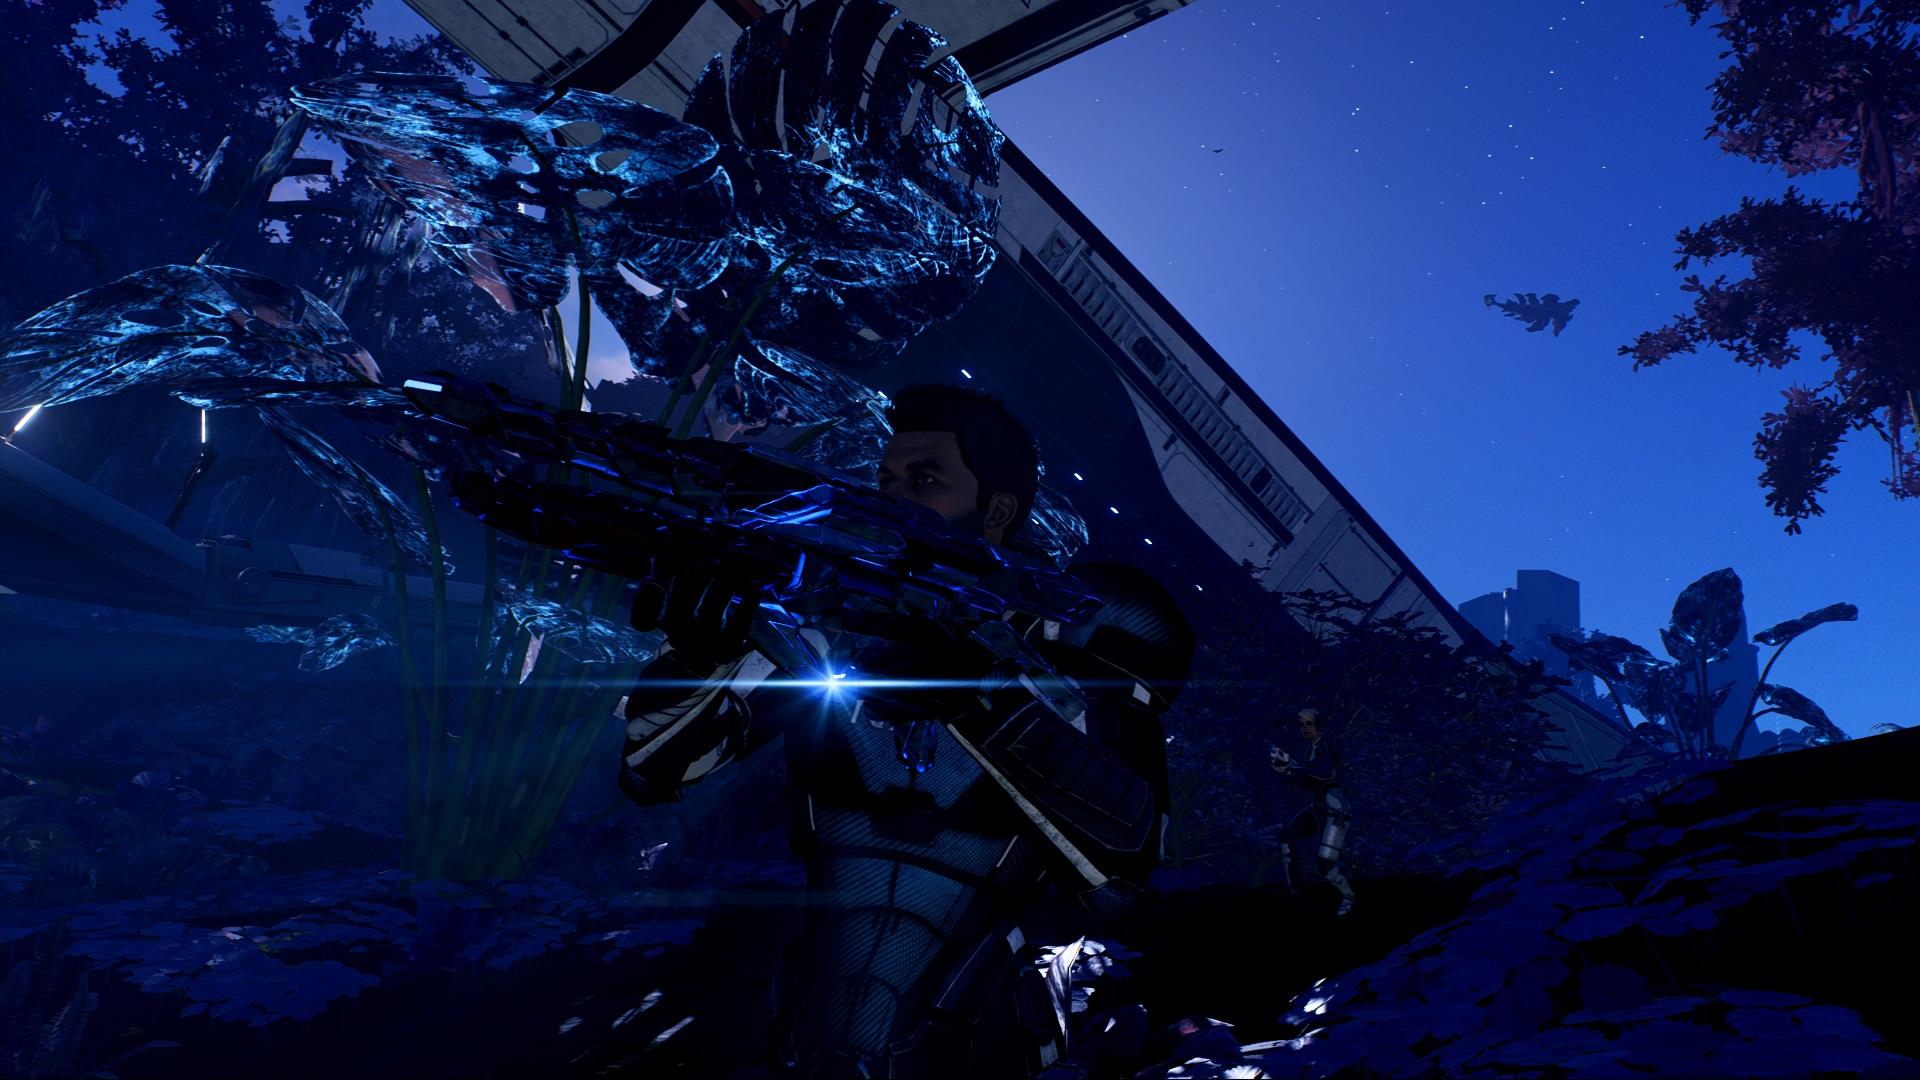 Je Mass Effect: Andromeda špatná hra? 13132